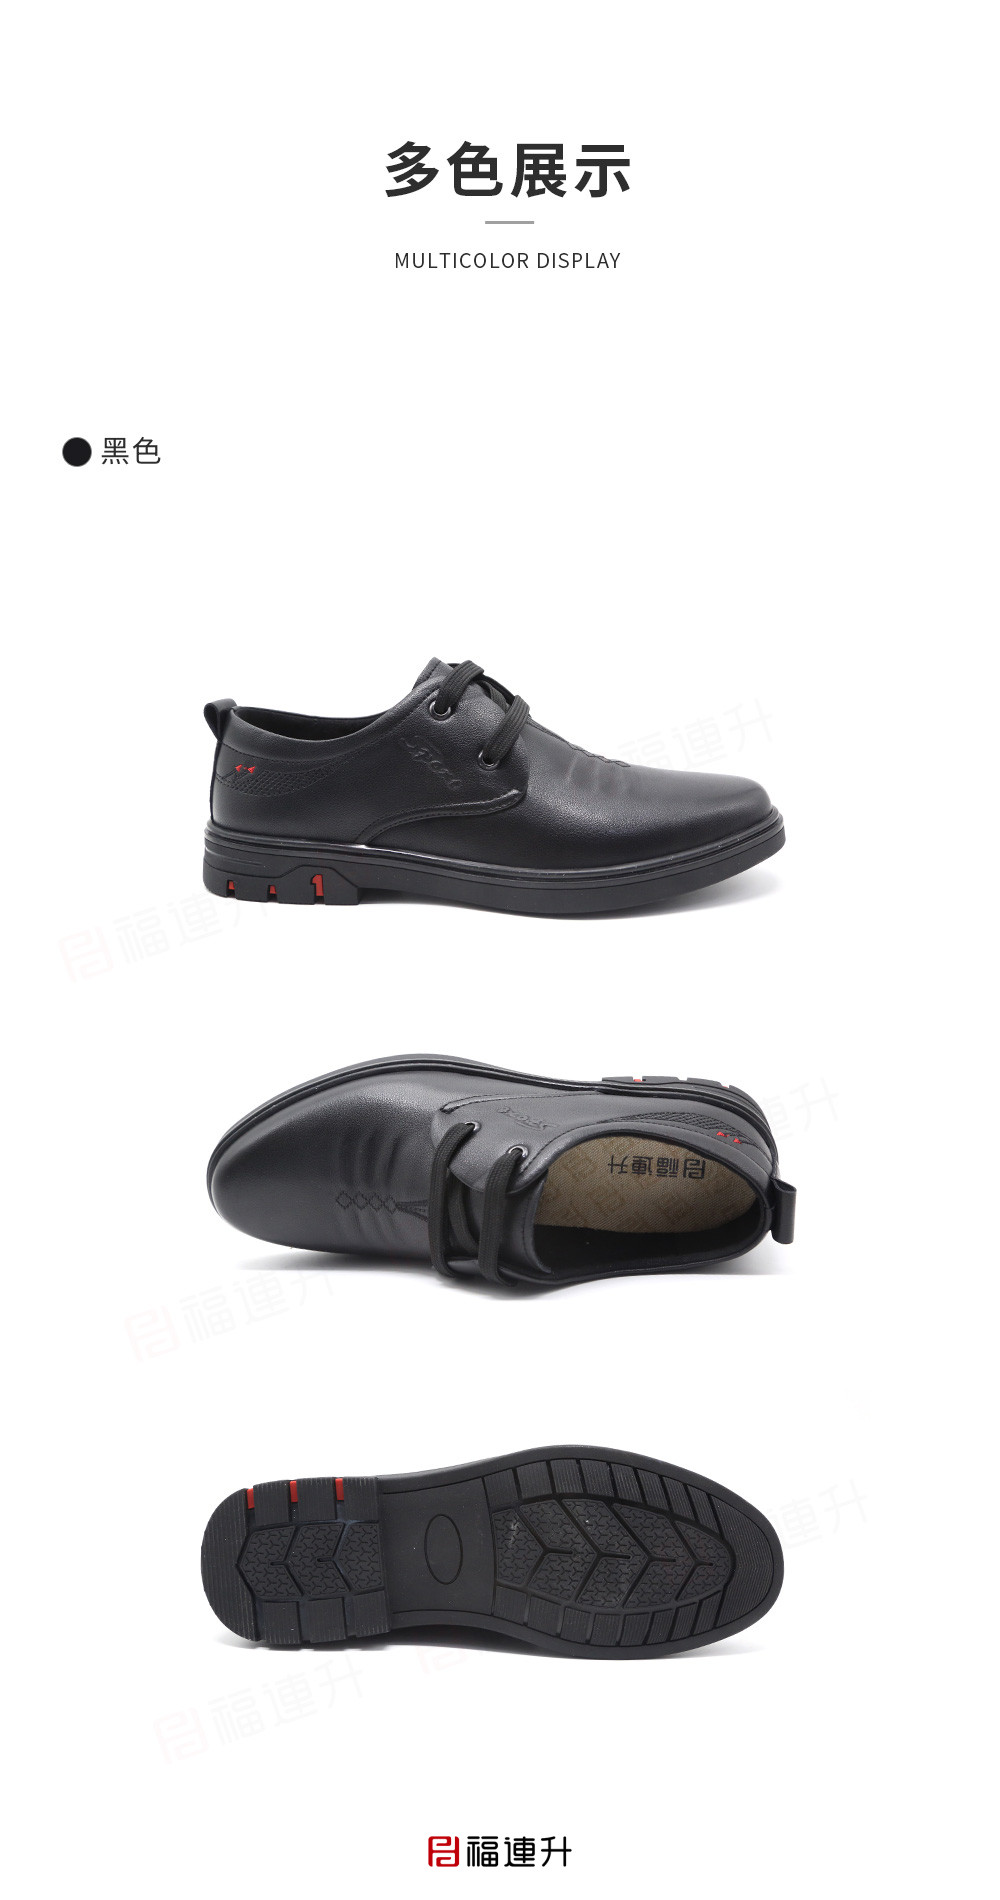 福连升商务休闲男鞋黑色系带工作舒适皮鞋图片